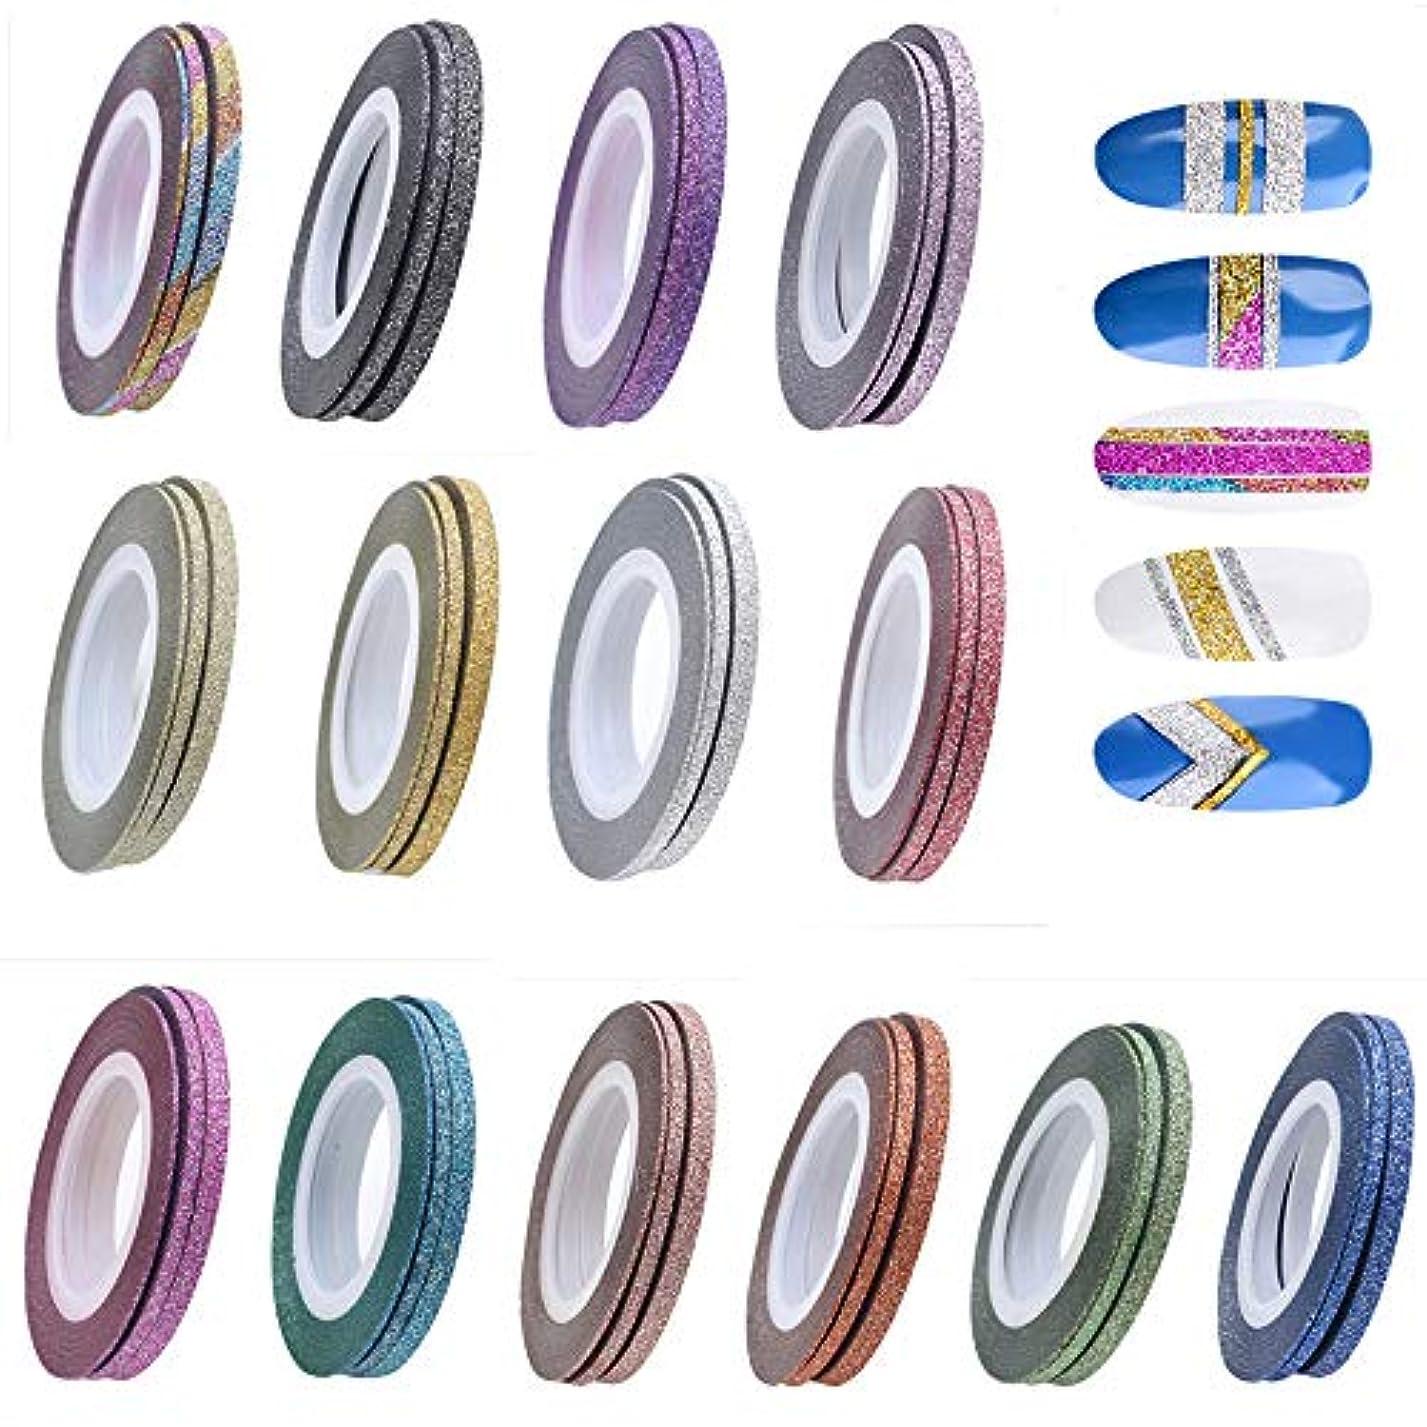 わずかにパノラマ偏見ネイルアート 艶消しラインテープ 42個セット(1mm/2mm/3mm各14色)ネイルデザインパーツ